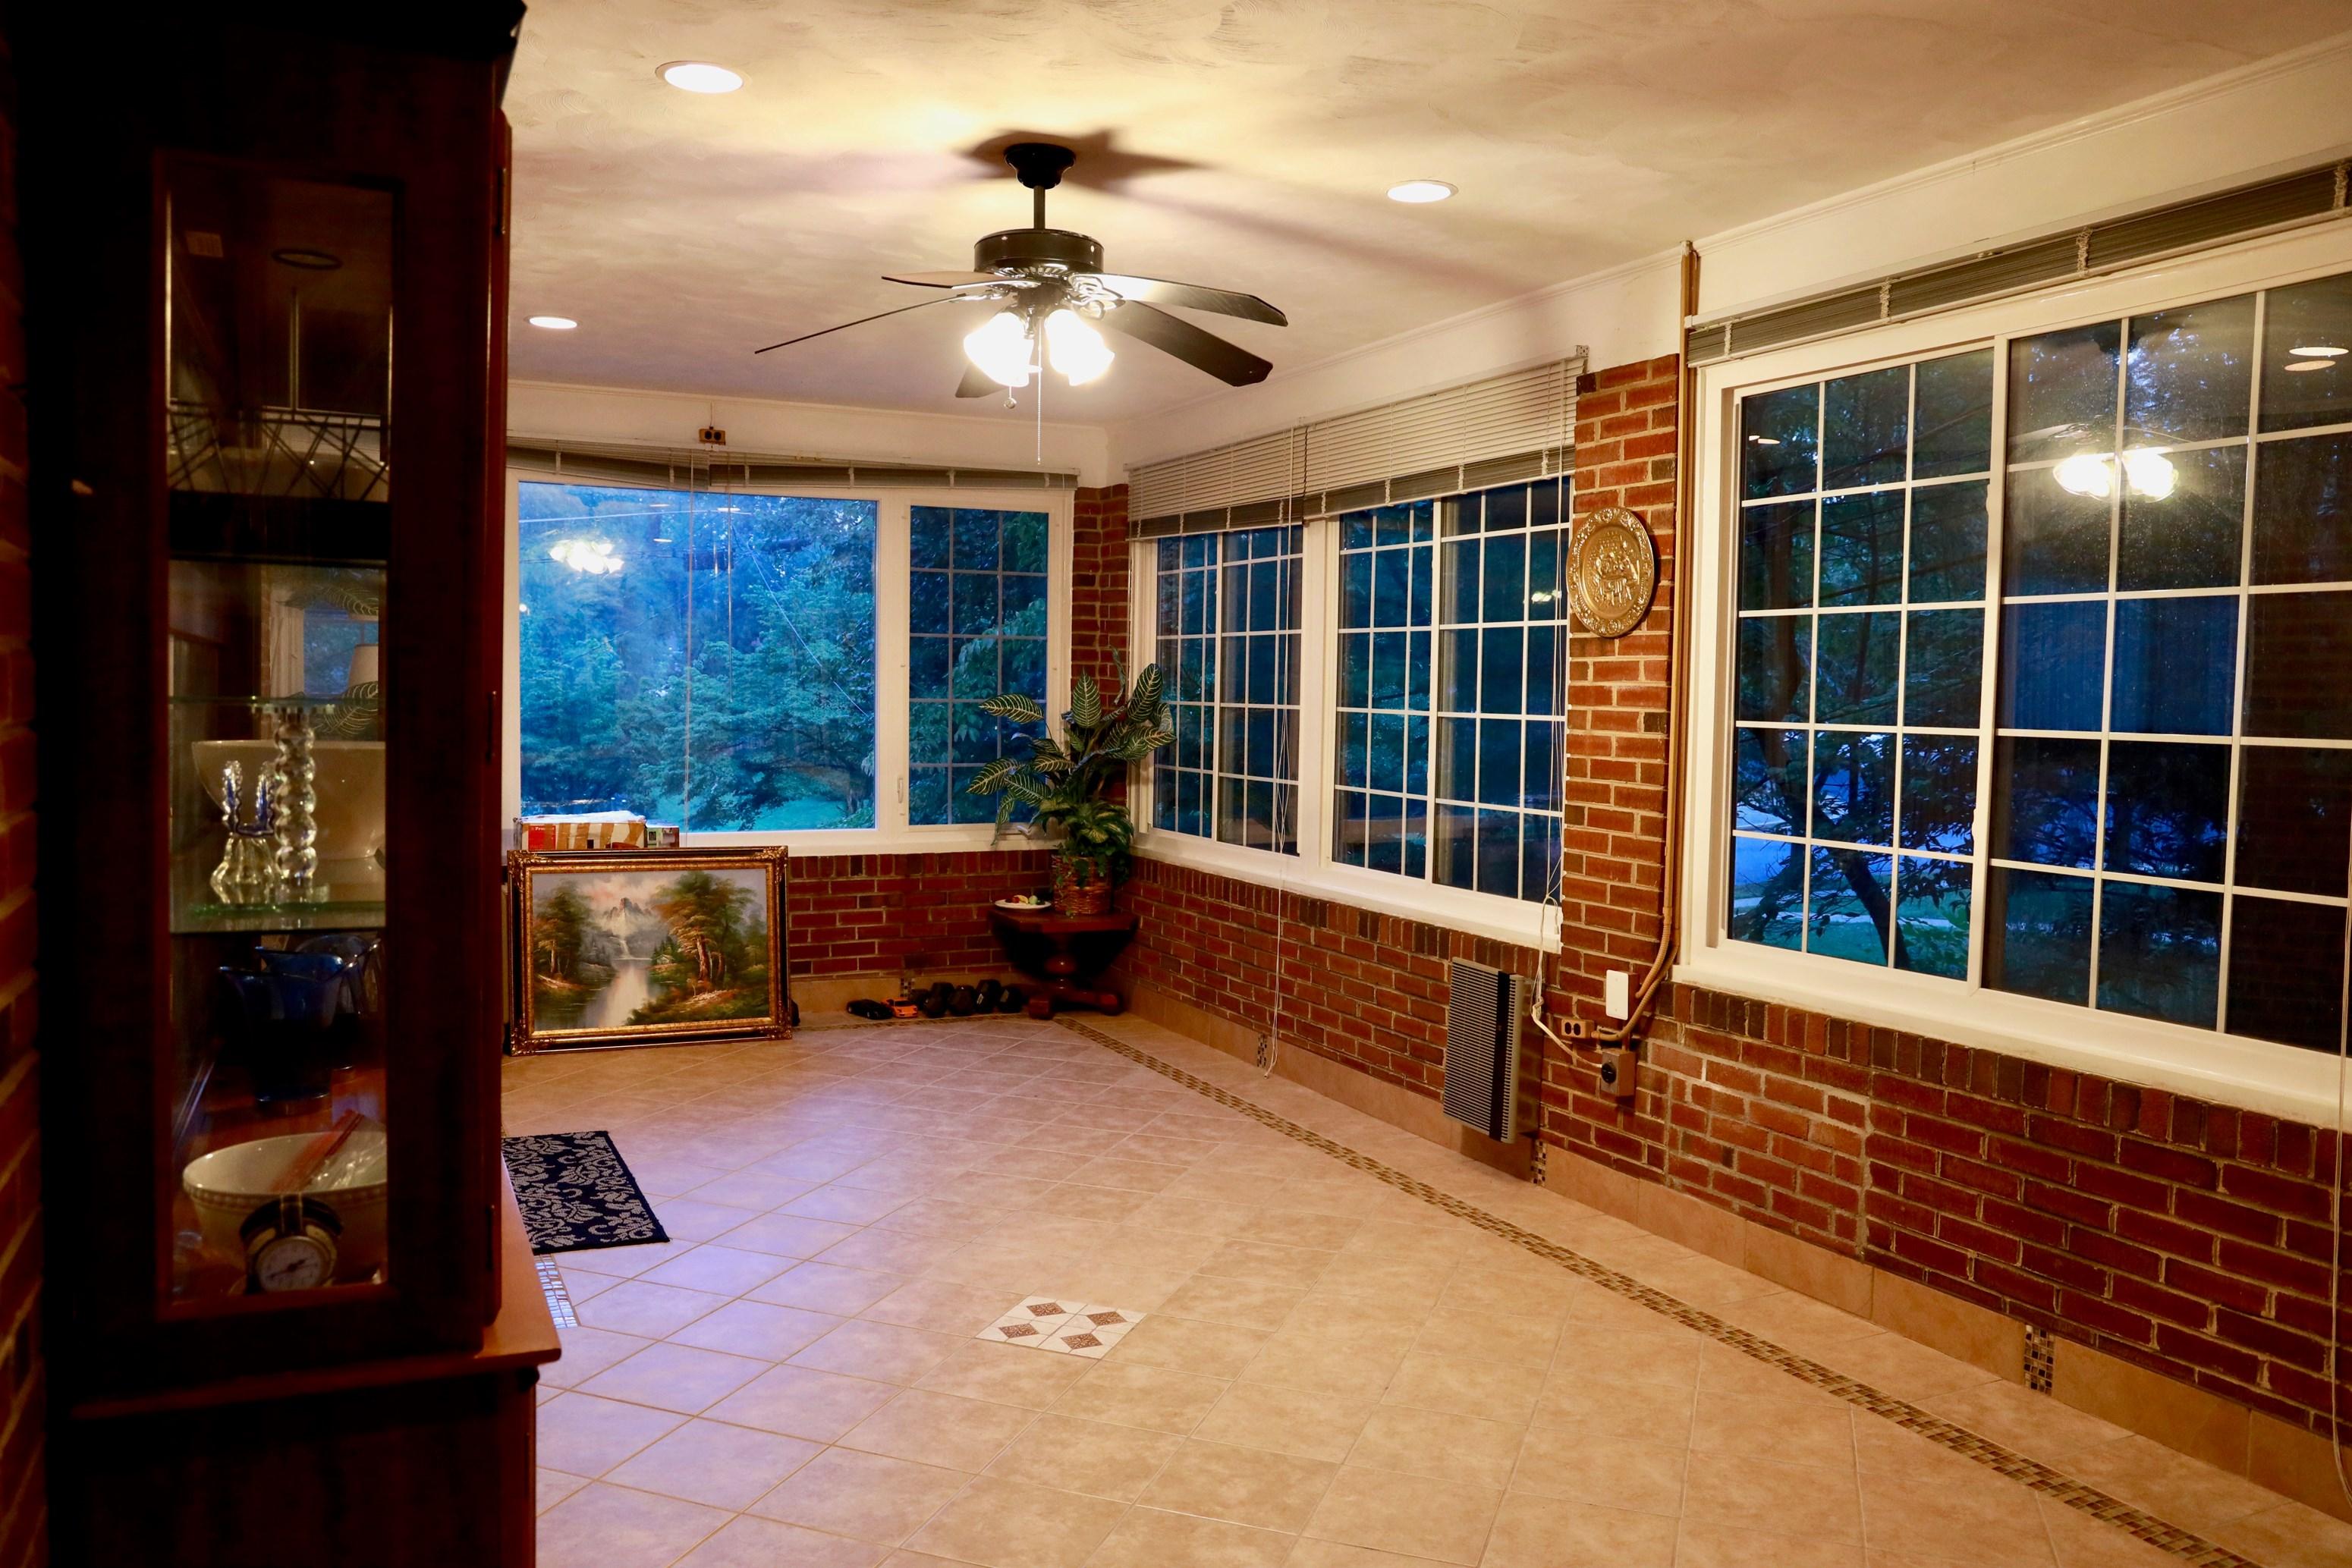 Rooms for Rent Falls Church, VA – Apartments, House